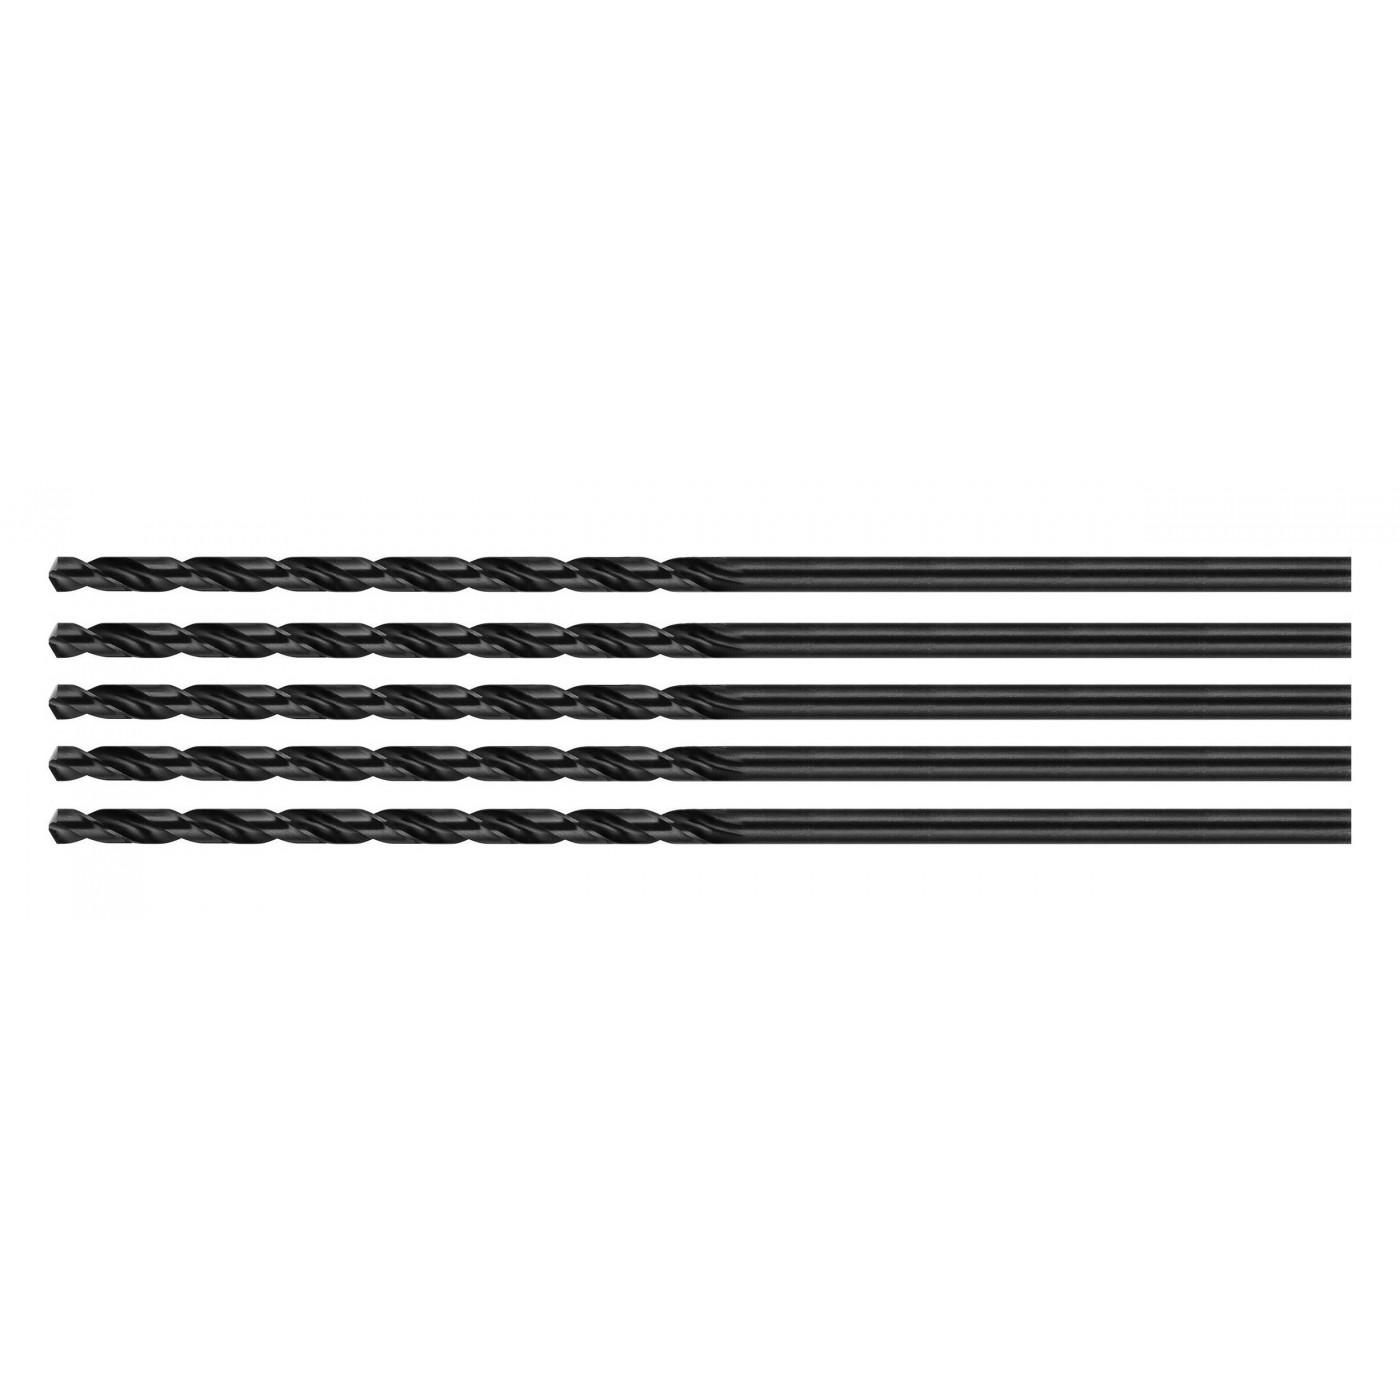 Set van 5 metaalboren (HSS, 4.5x200 mm)